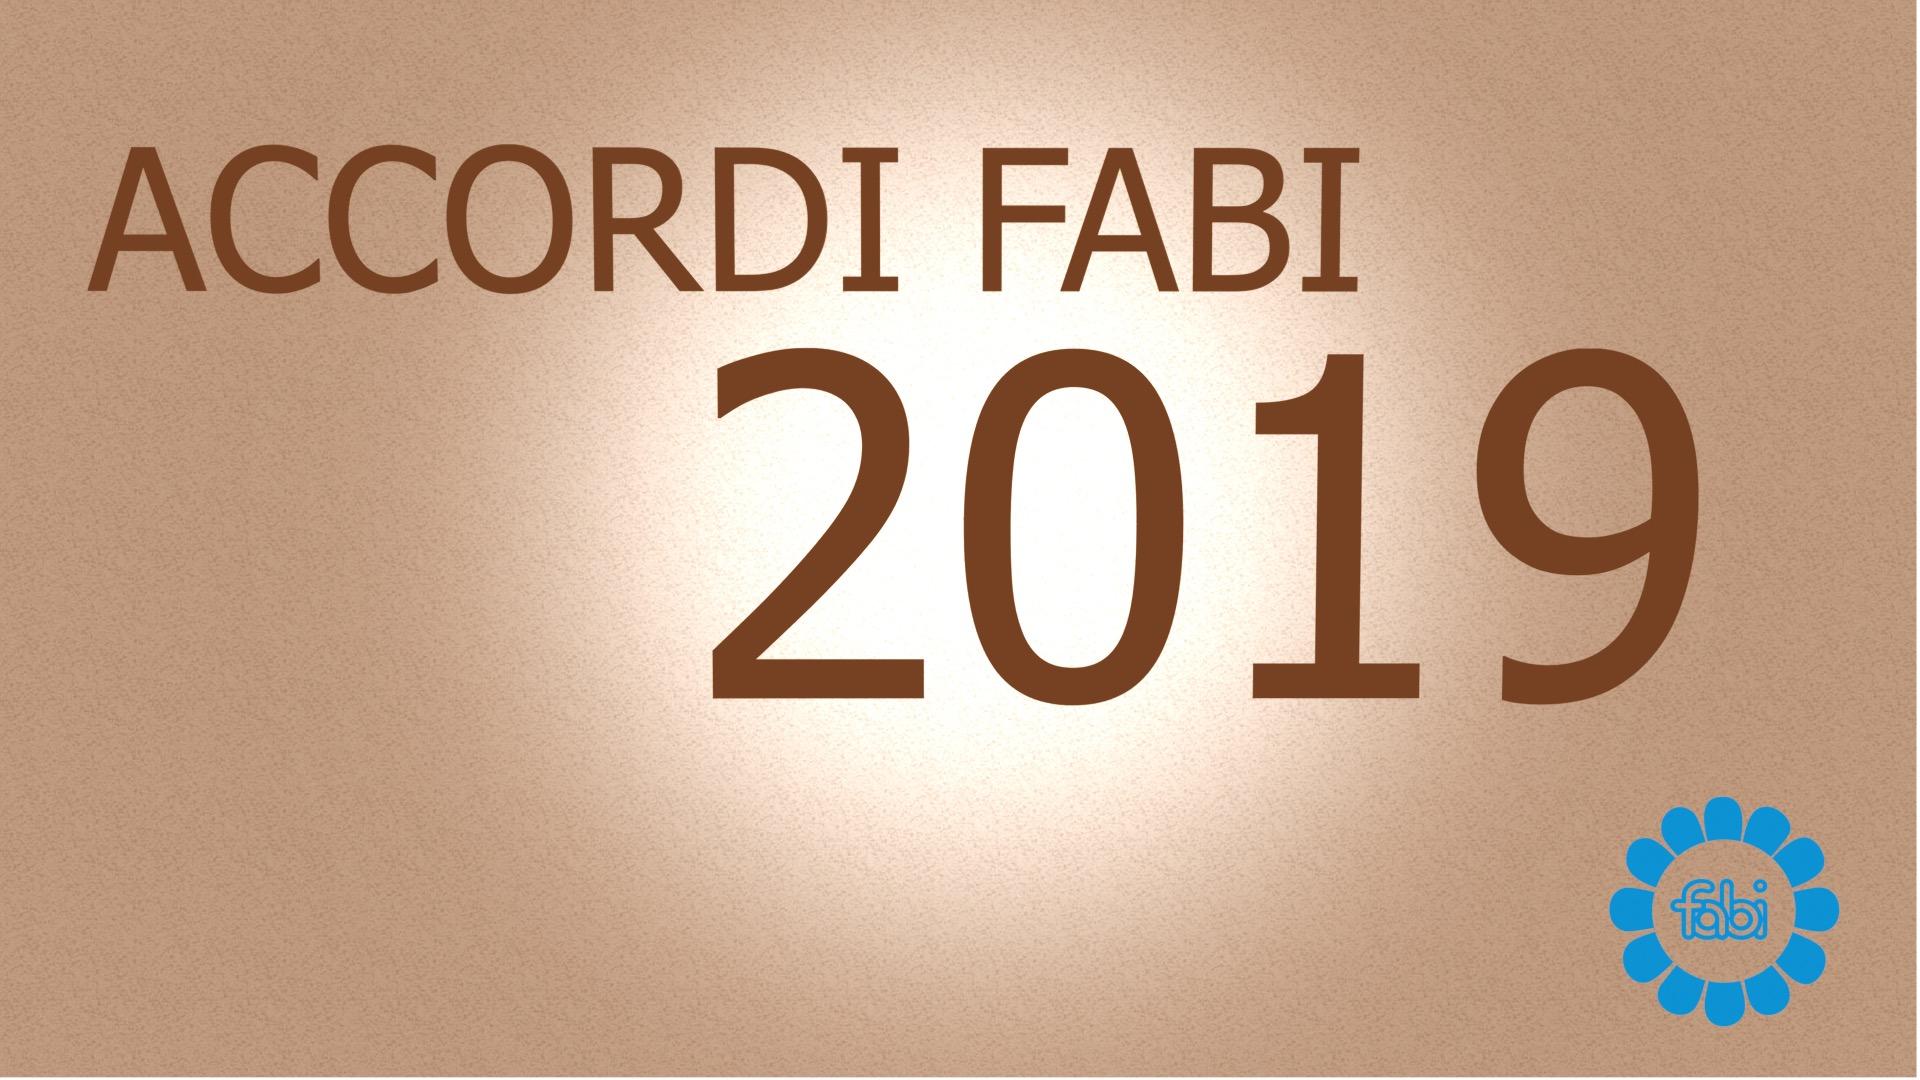 LA FABI NEL 2019, ECCO TUTTE LE BATTAGLIE E LE CONQUISTE IN BANCA